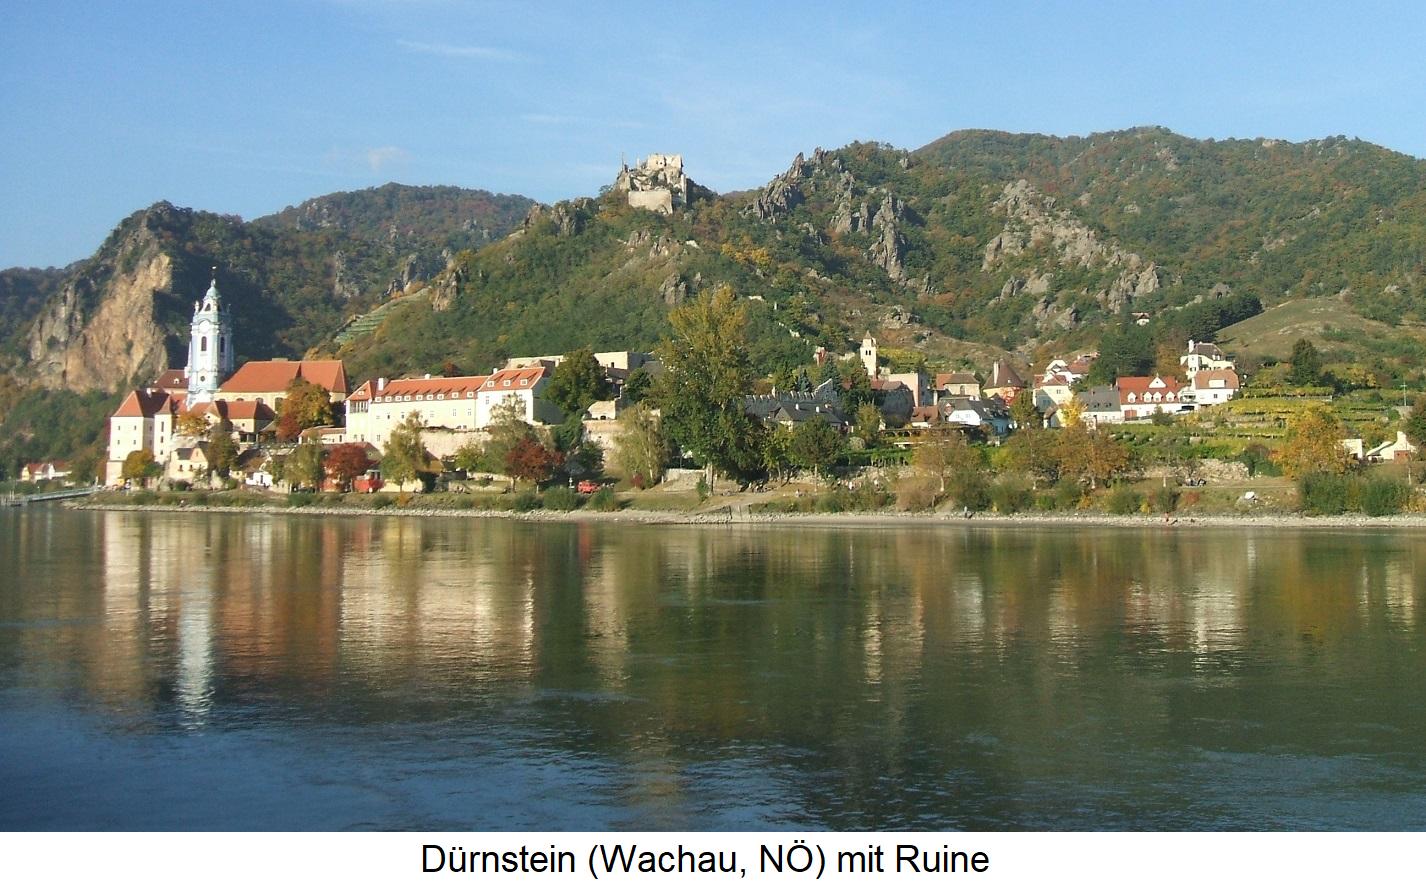 Dürnstein mit Ruine (Wachau)